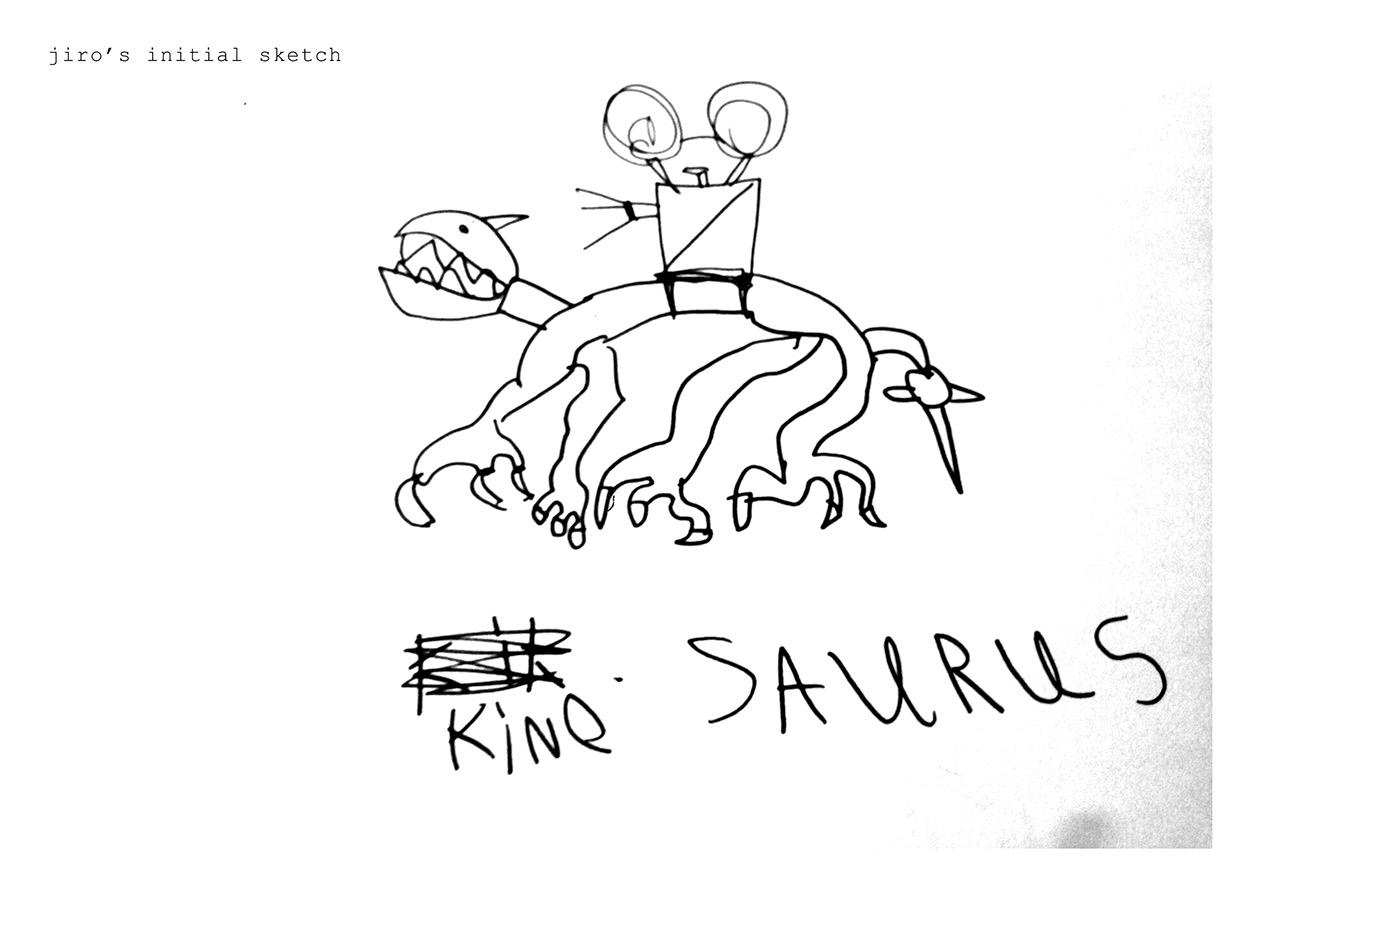 Kinosaurus On Behance